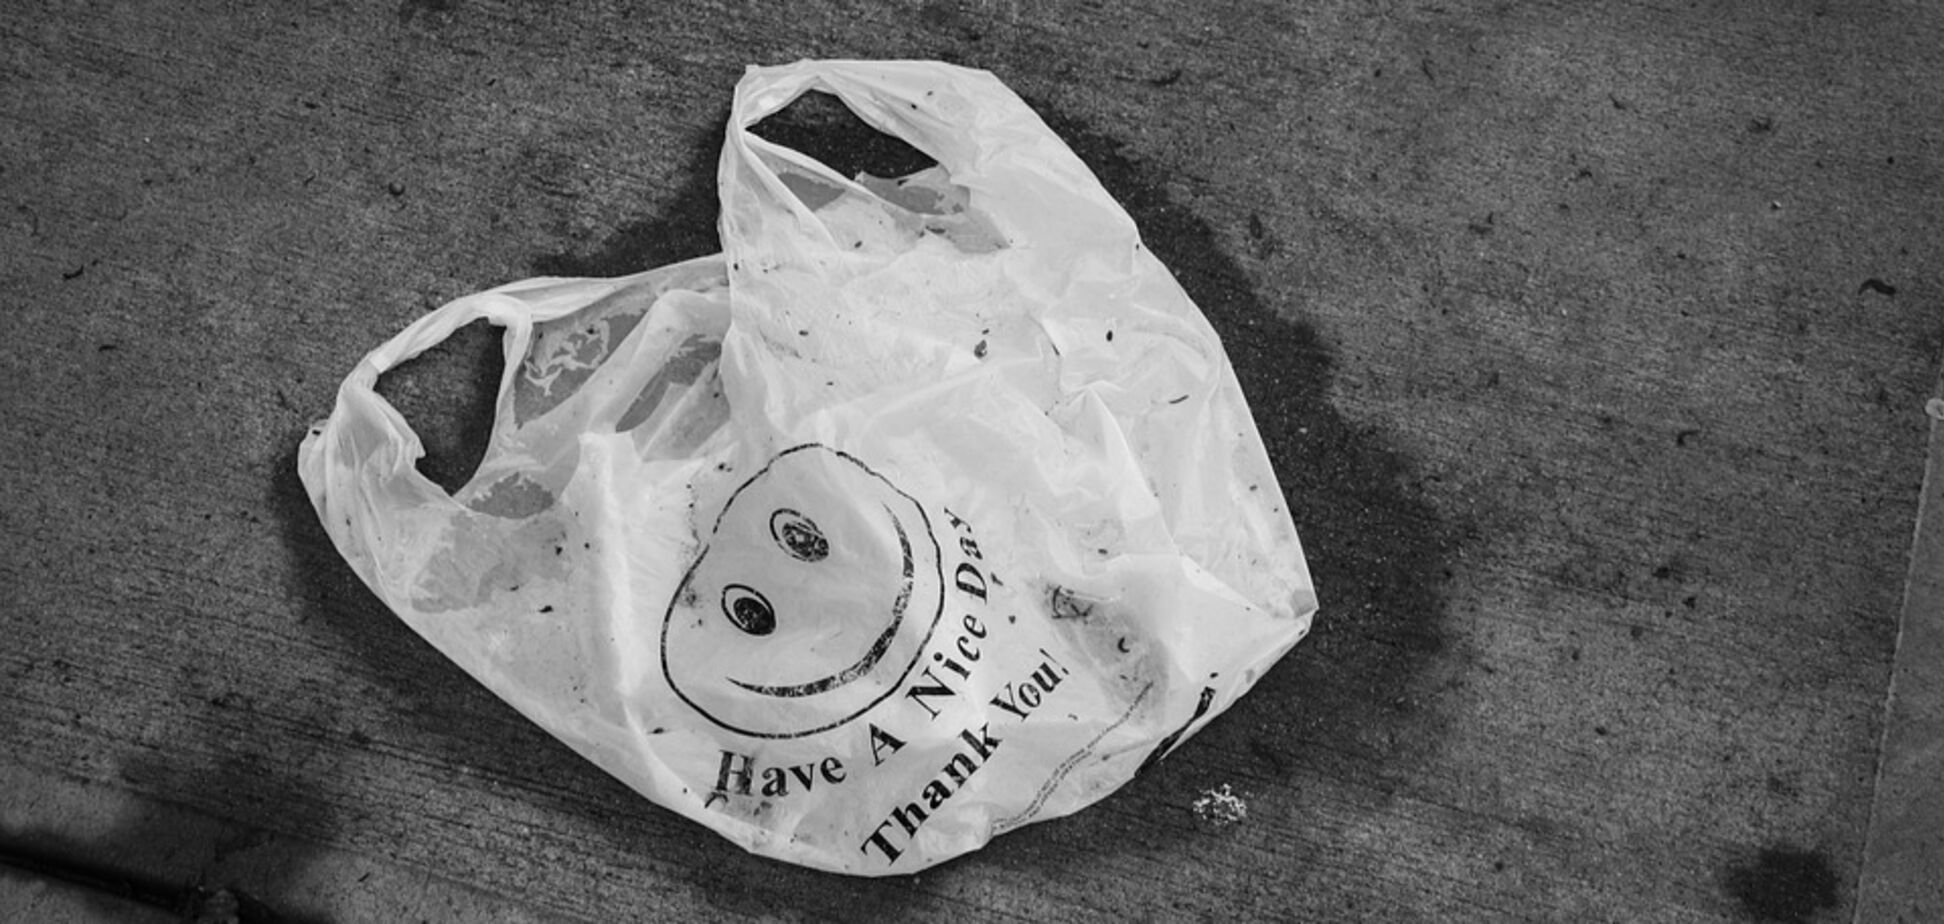 Закон передбачає покарання за поширення пластикових пакетів